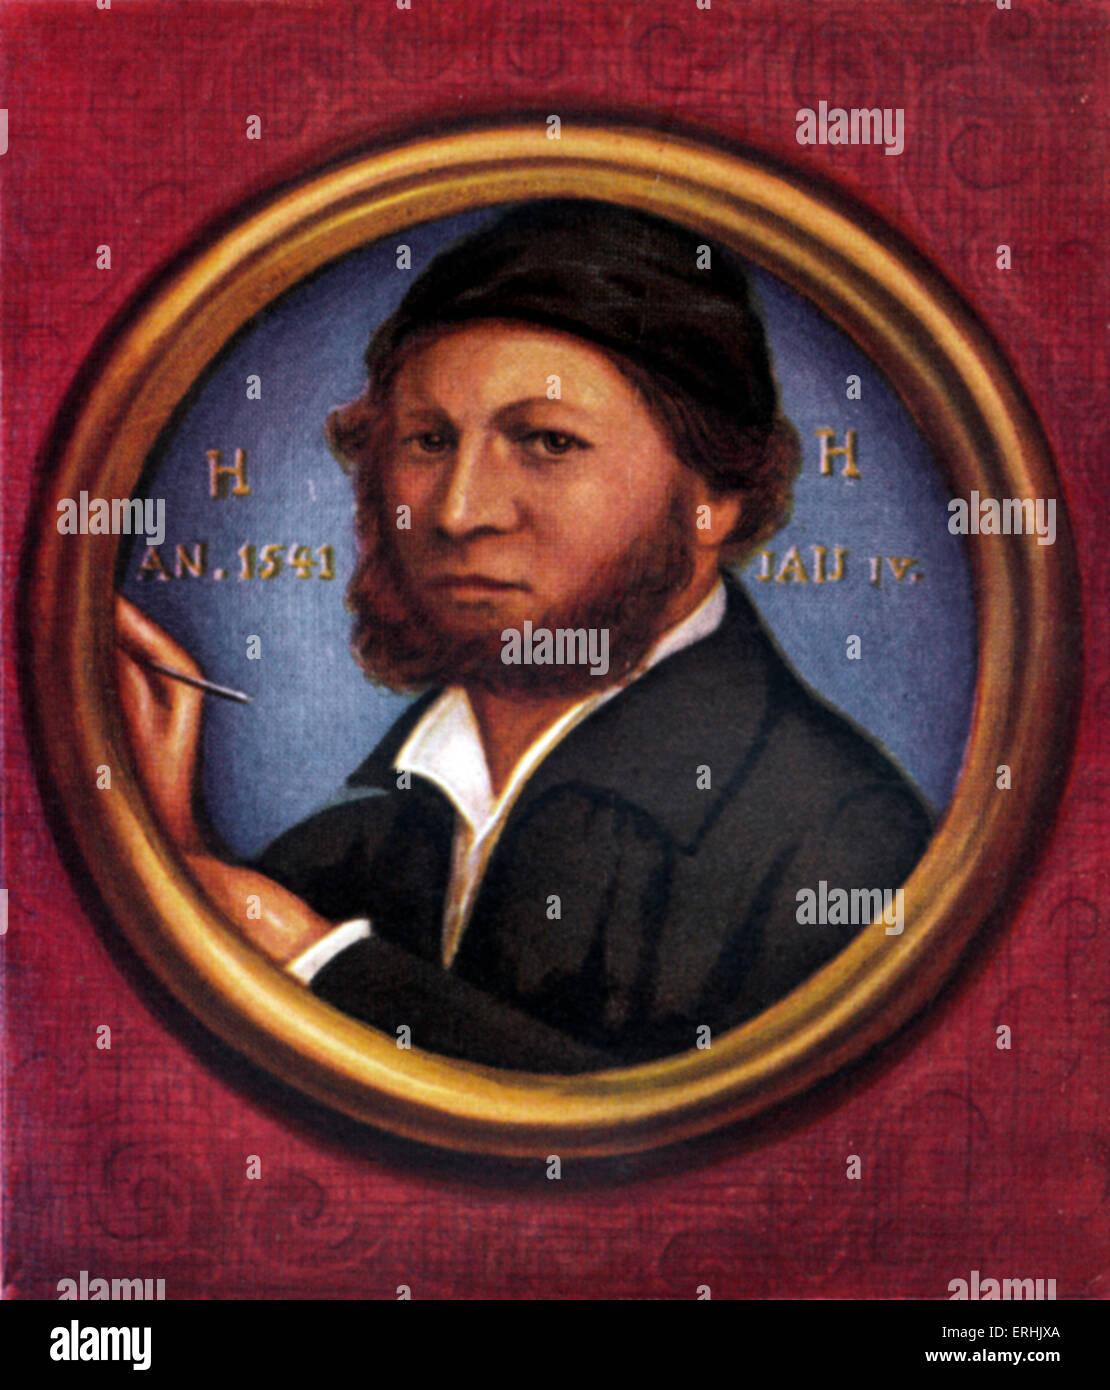 Hans Holbein le Jeune. Portrait de l'artiste allemand. c. 1497-1543 Photo Stock